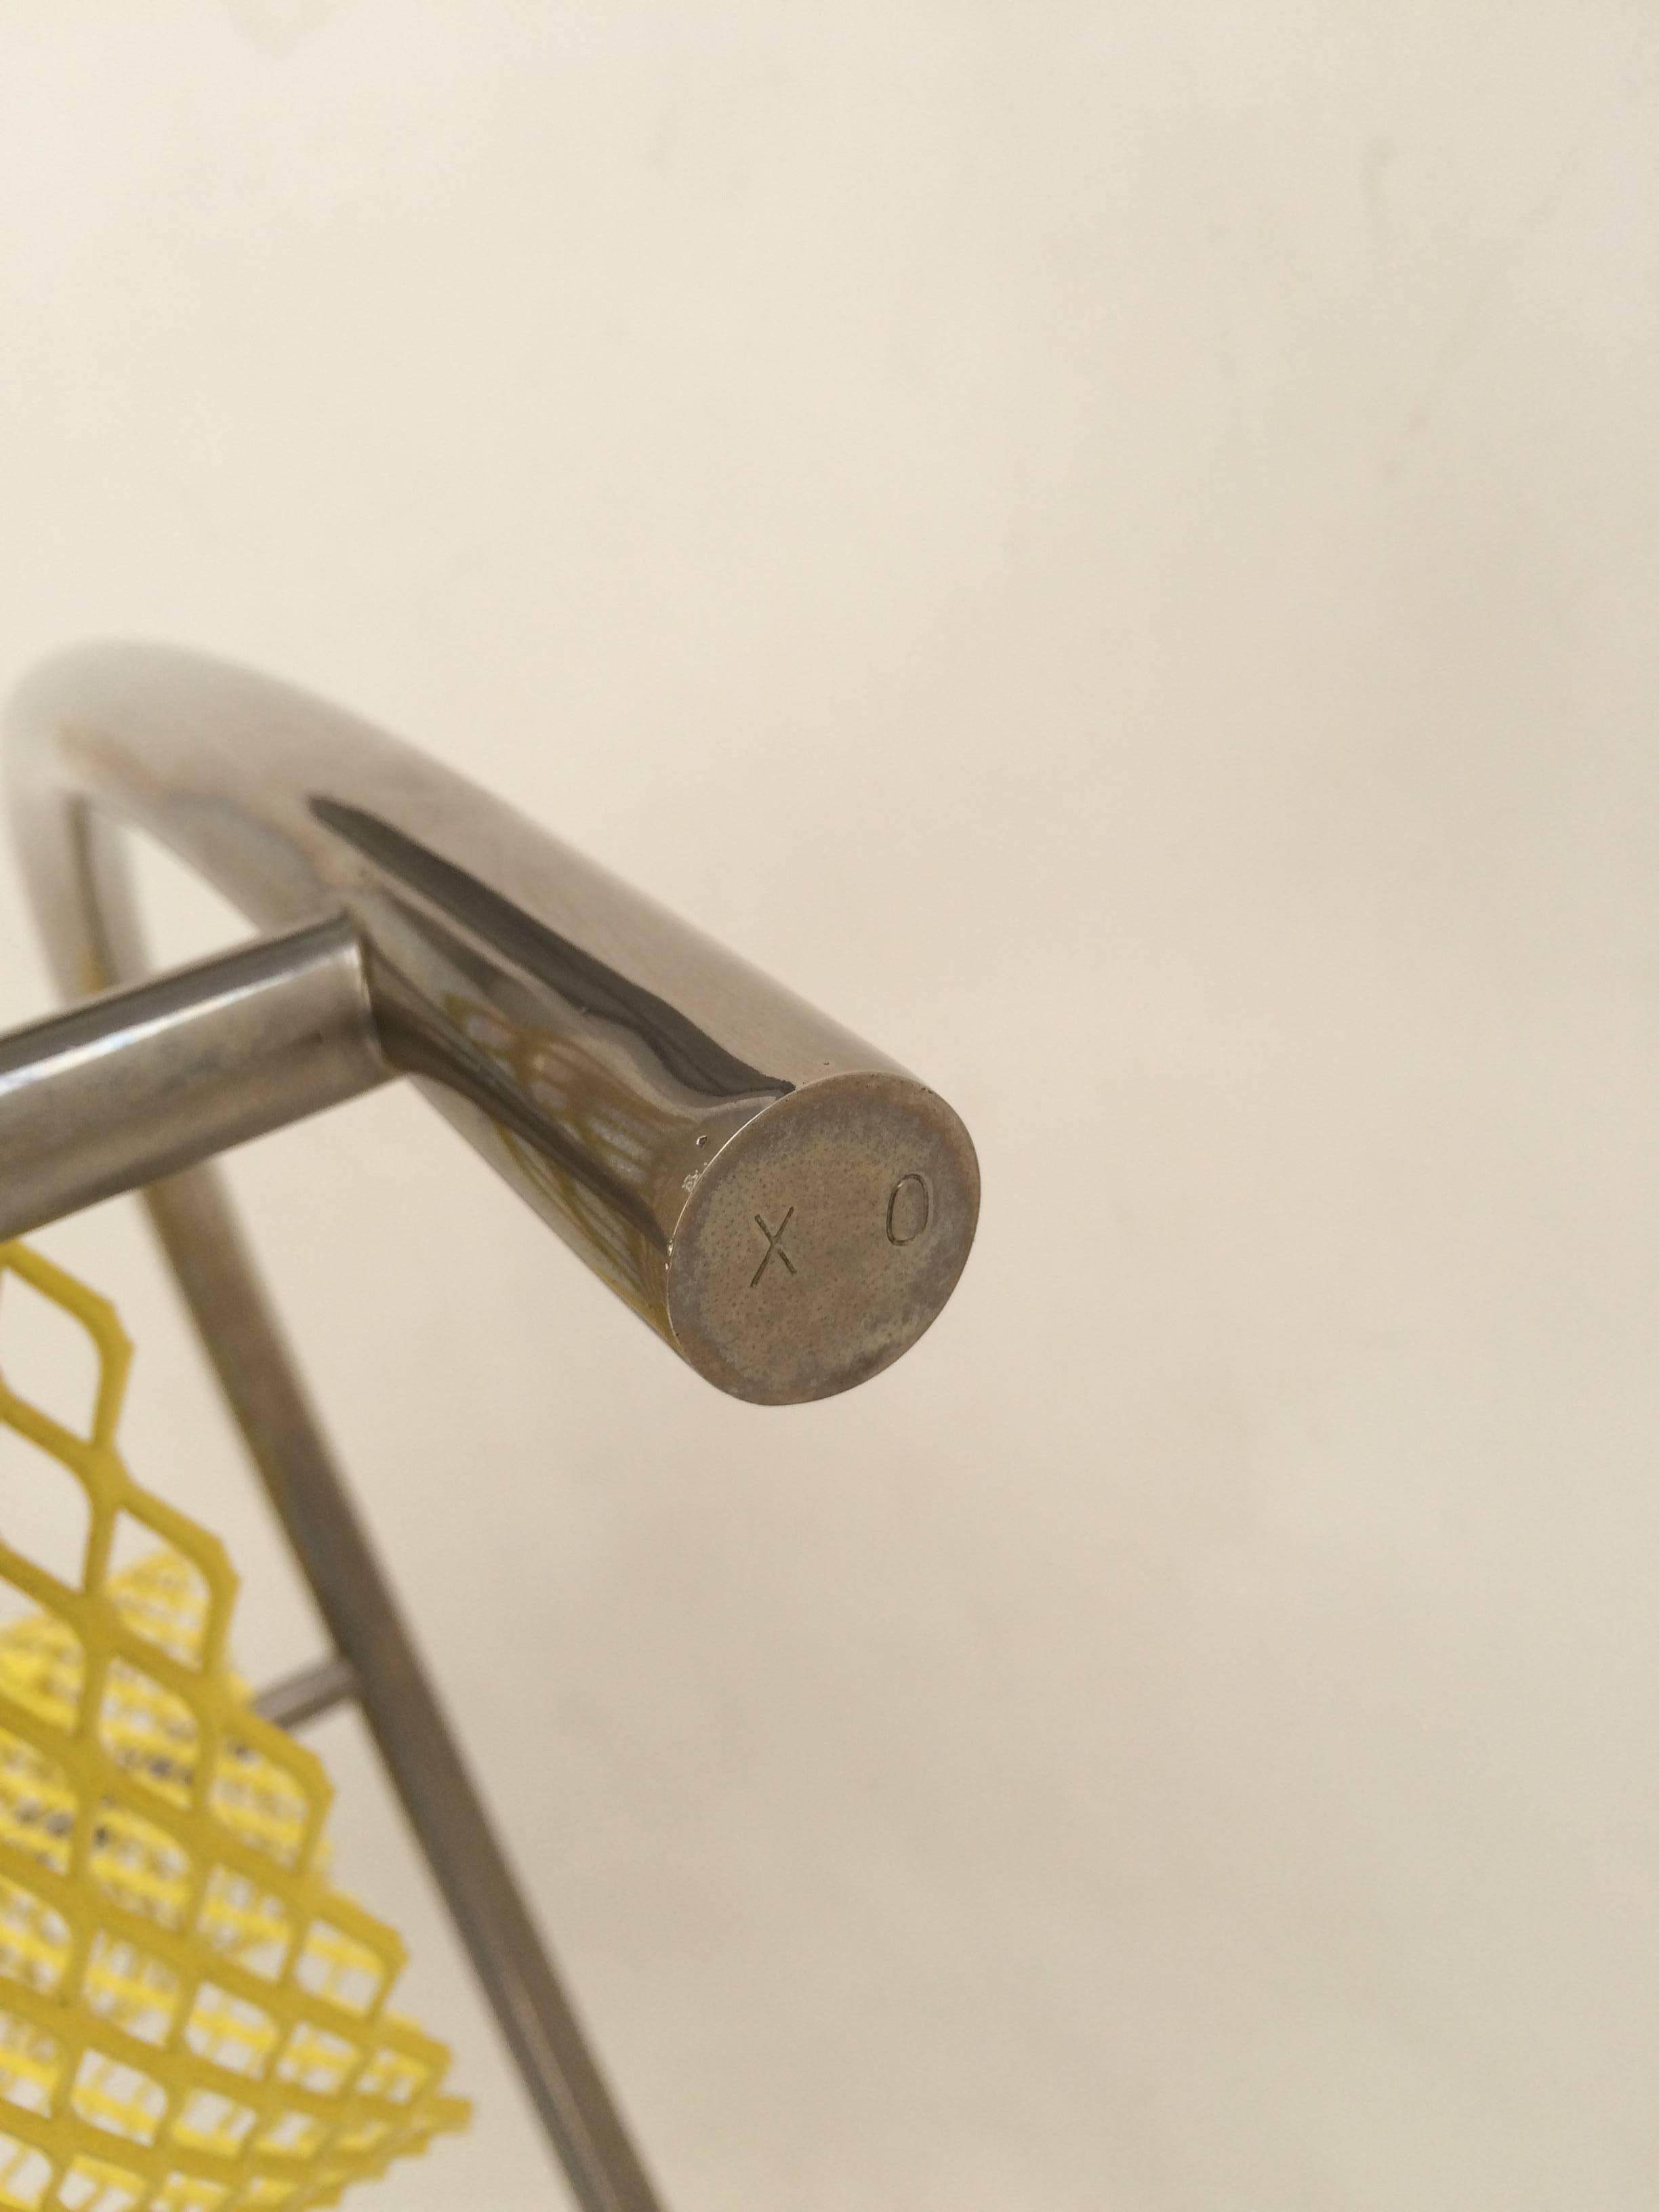 Ungewöhnlich Chrom Küchenstühle Bilder - Küchenschrank Ideen ...